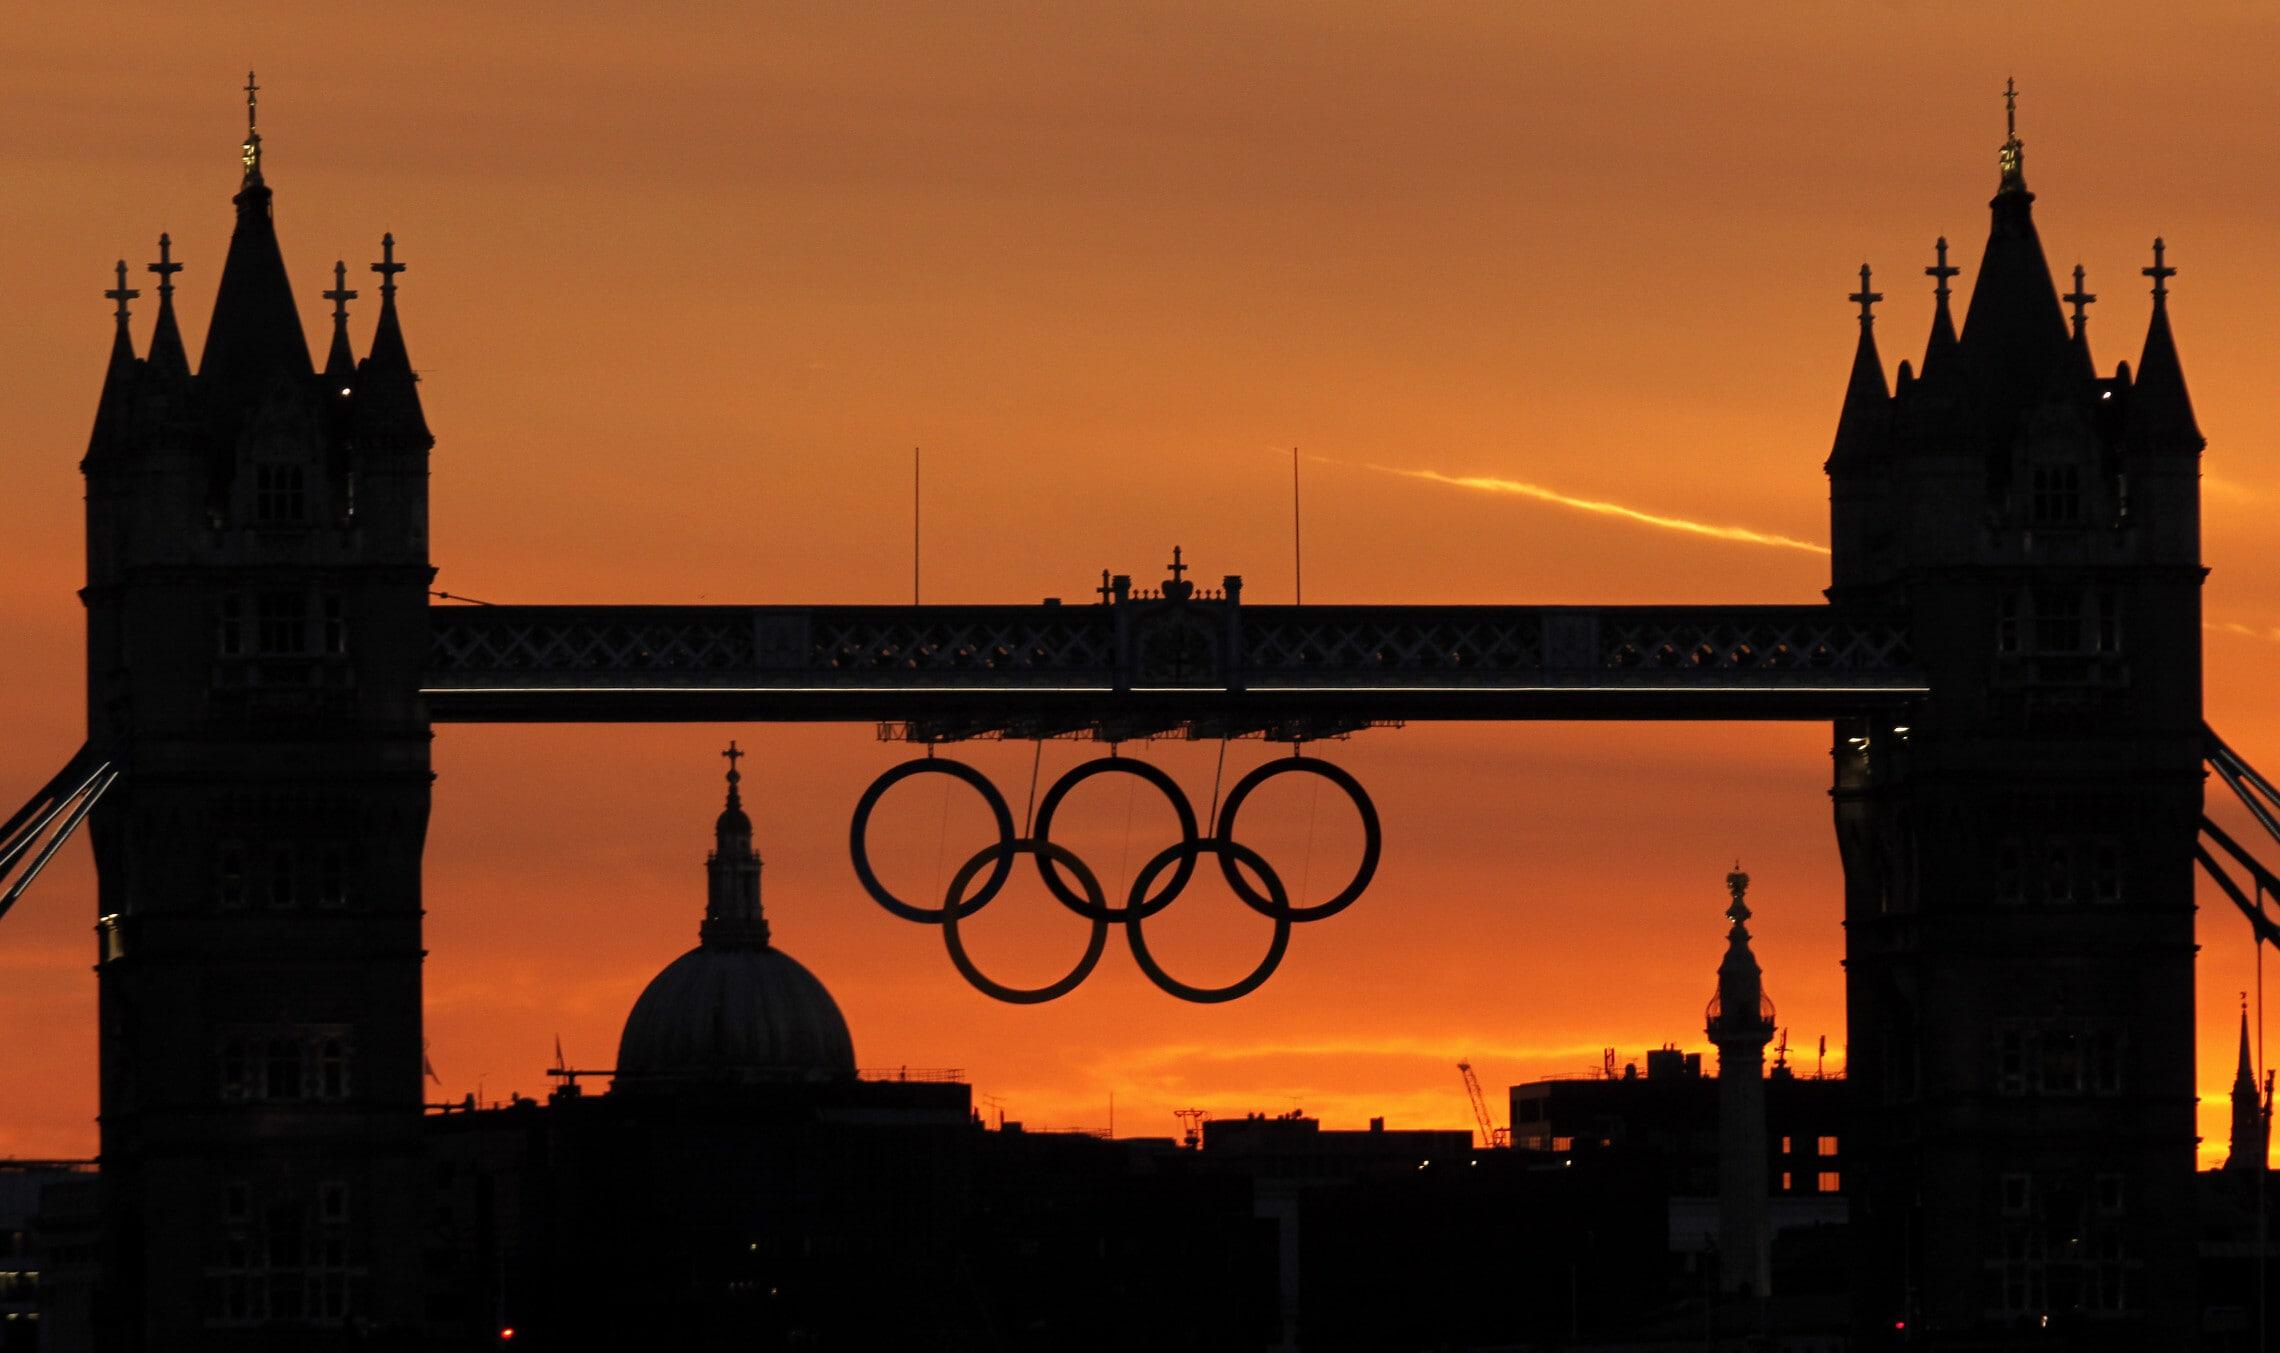 הטבעות האולימפיות תלויות על טאוור ברידג' בלונדון לקראת טקס פתיחת האולימפיאדה ביולי 2012 (צילום: AP Photo/Charlie Riedel)